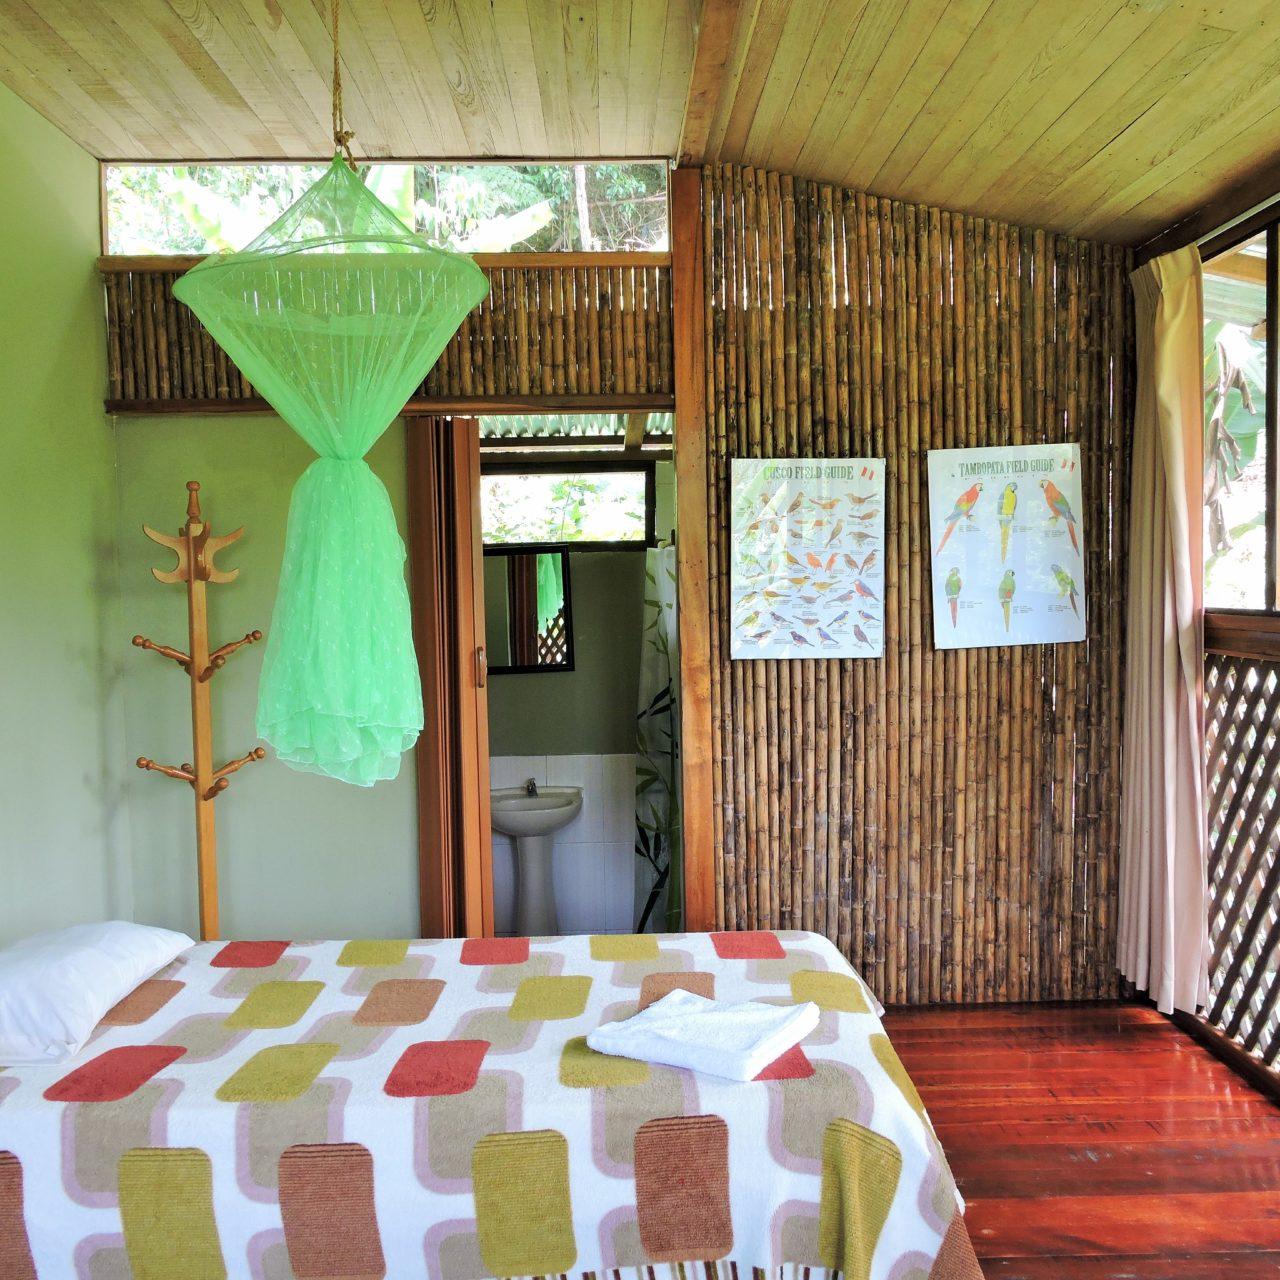 https://guadalupelodgeperu.com/wp-content/uploads/2020/10/Guadalupe-Lodge-manu-cabins-1280x1280.jpg